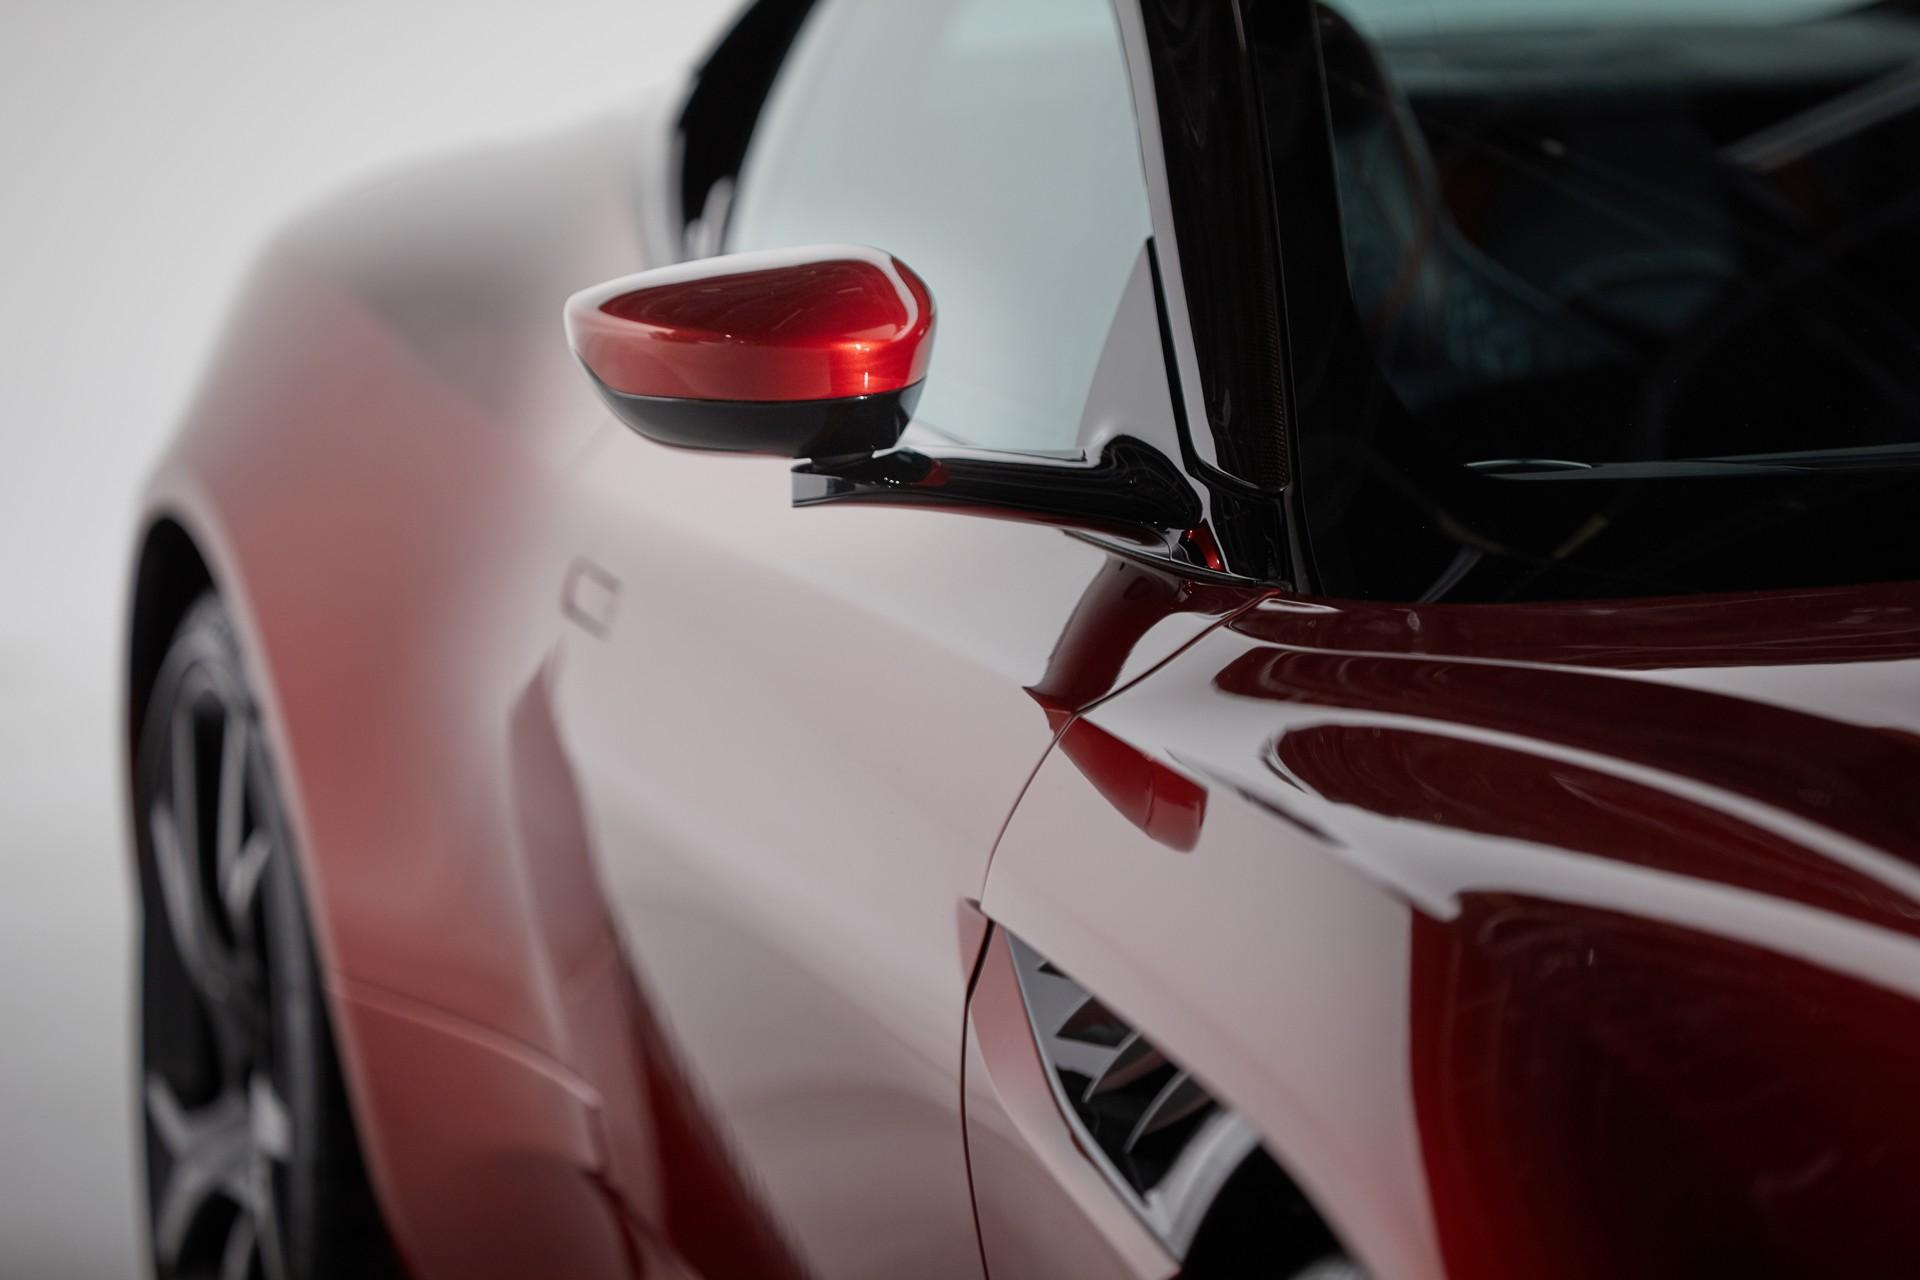 Визионерски ретровизори со камера од Aston Martin